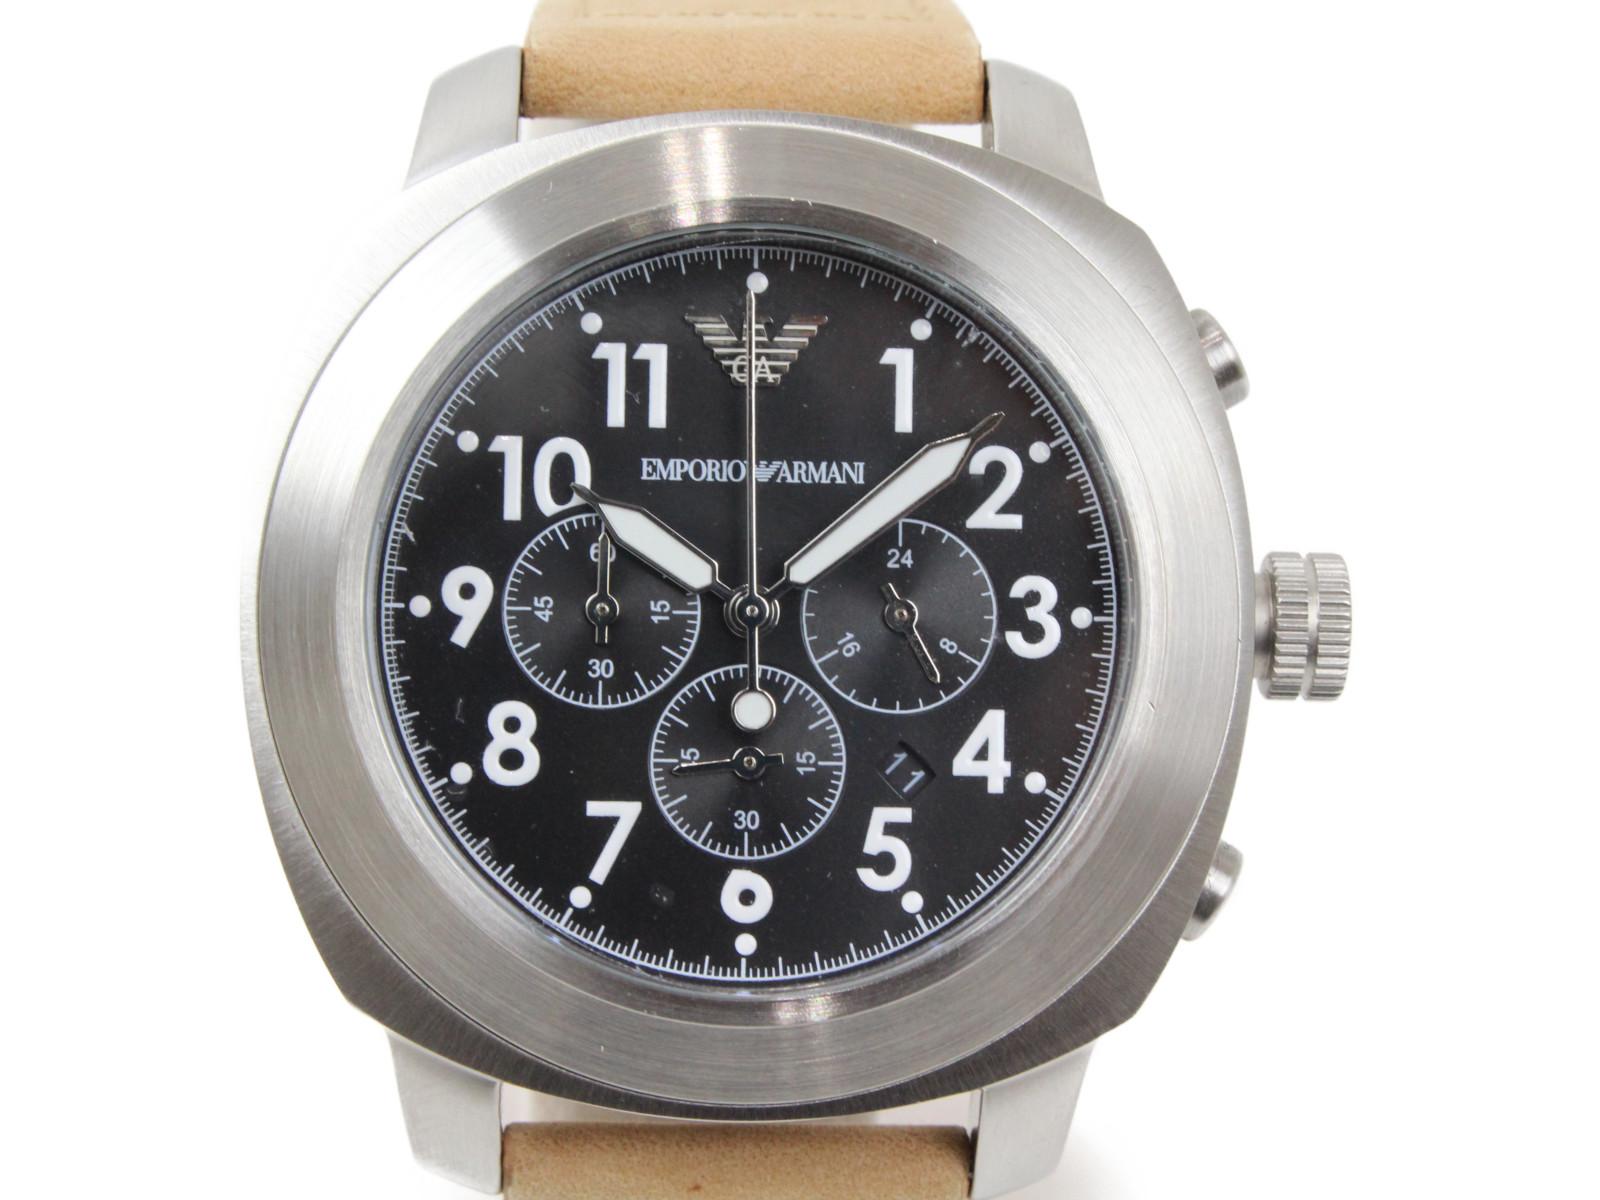 EMPORIO ARMANI エンポリオ アルマーニ AR6060 クオーツ クロノグラフ デイト SS ステンレススチール 革ベルト ブラック メンズ 腕時計【中古】